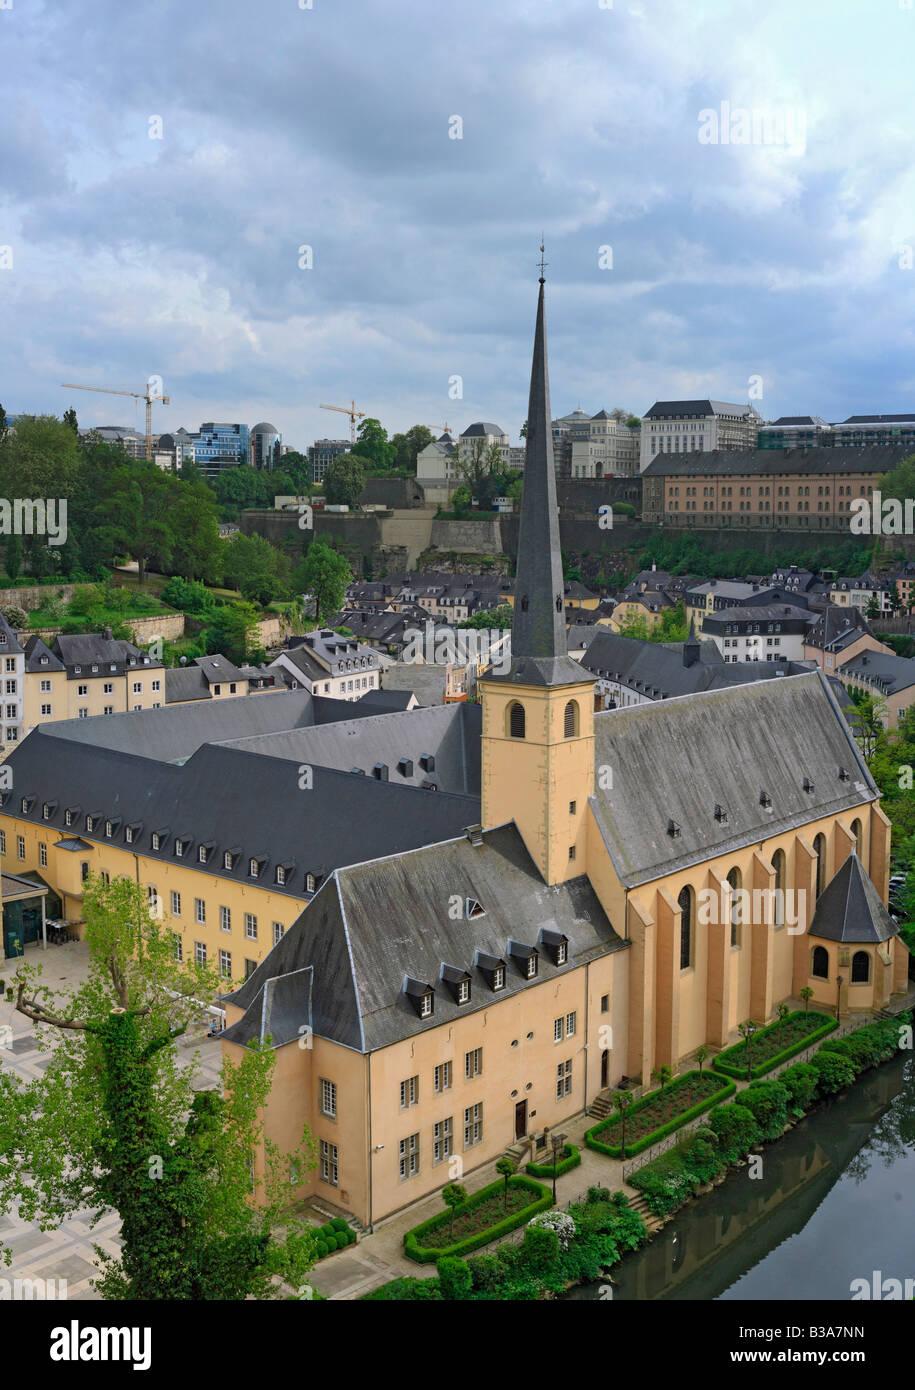 Abtei Neumünster, Luxemburg, Luxemburg Stockbild